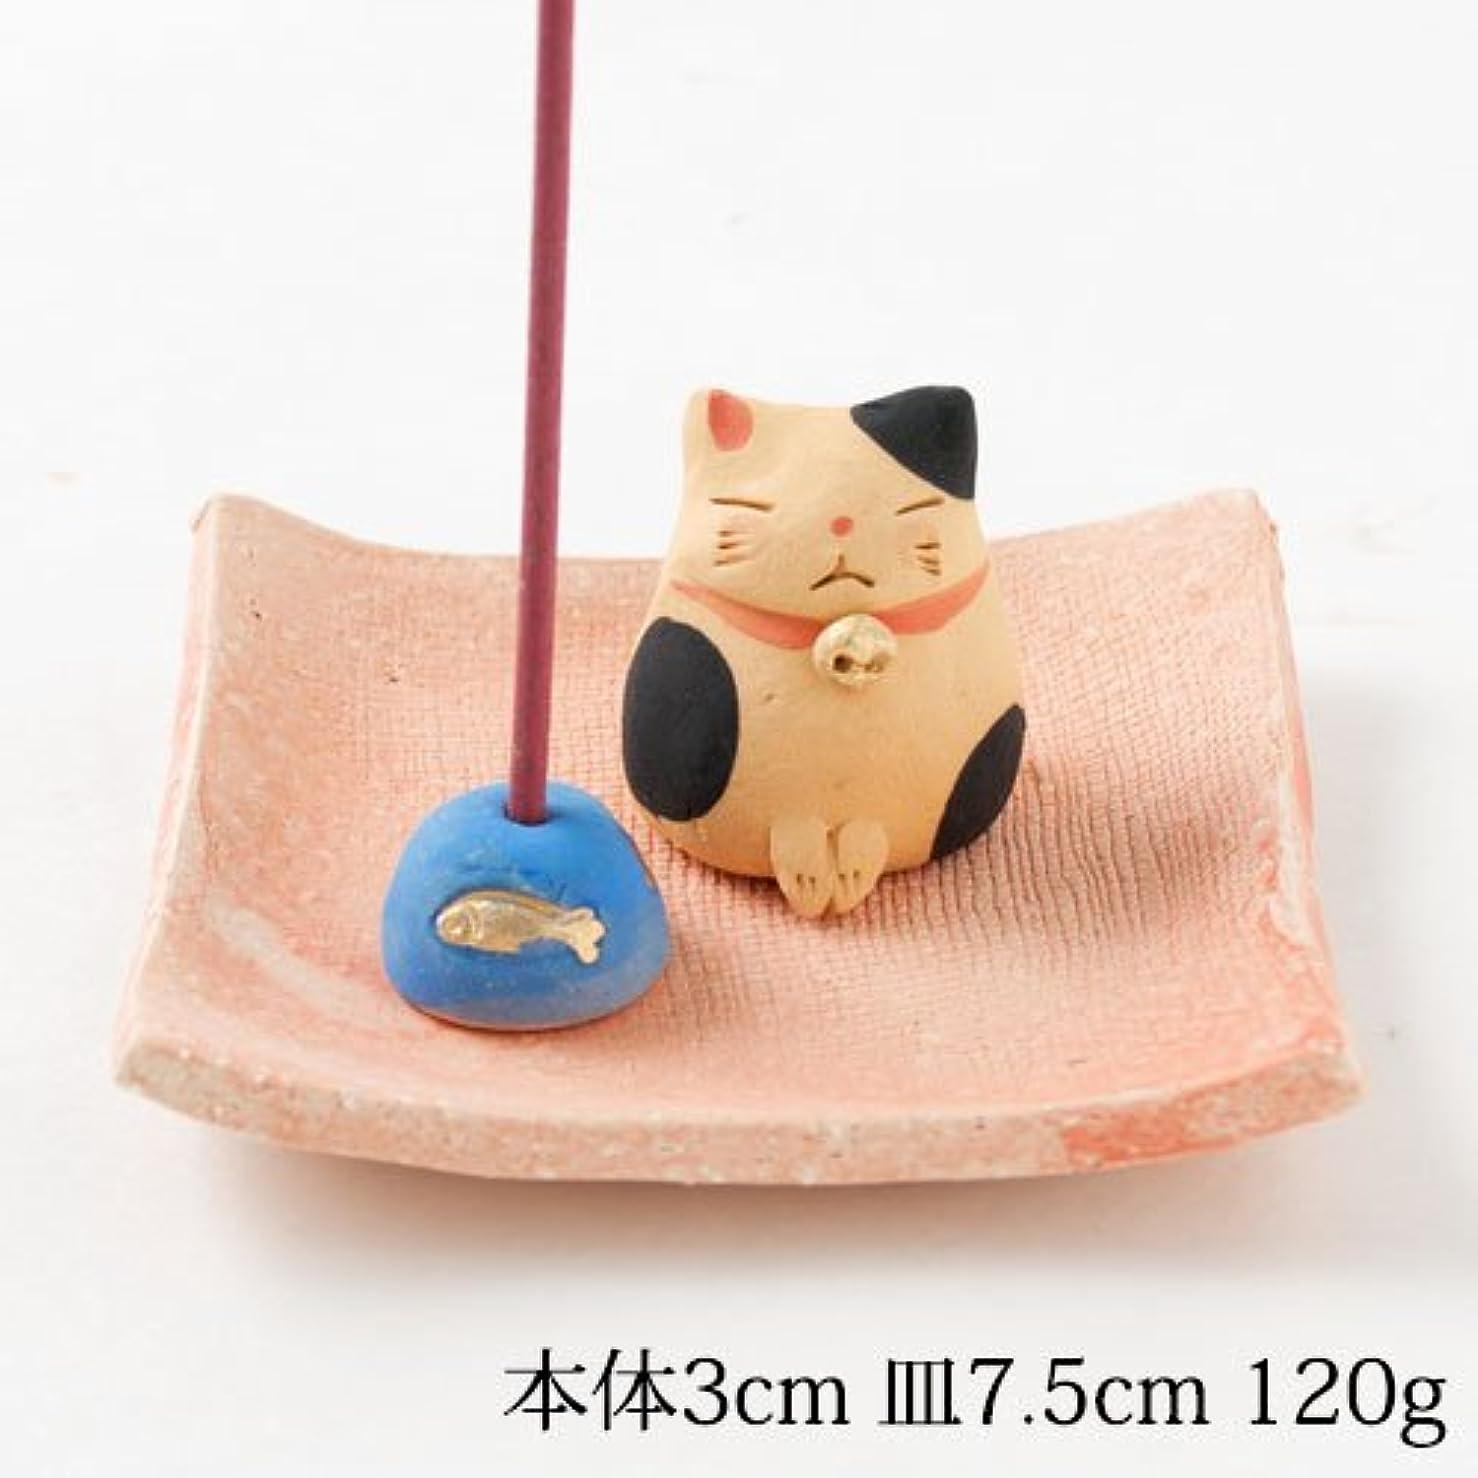 スポーツ二十アカデミーお辞儀猫香立 (K3440)Incense stand